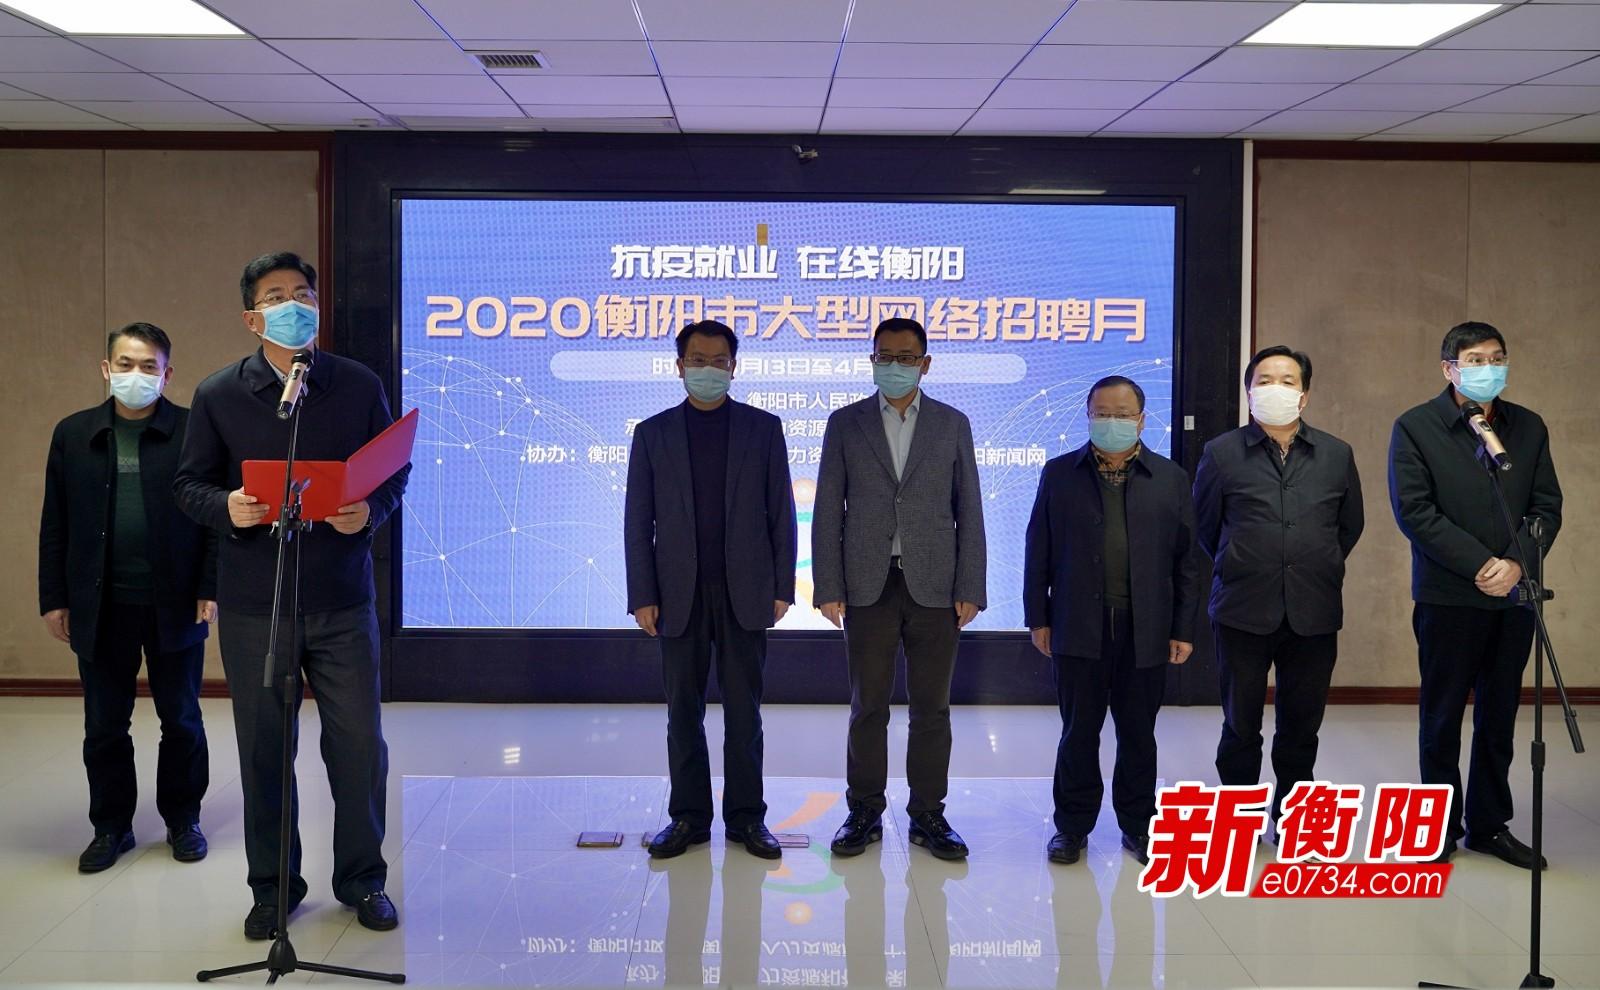 抗疫就业两手抓  2020年衡阳大型网络招聘月活动启动